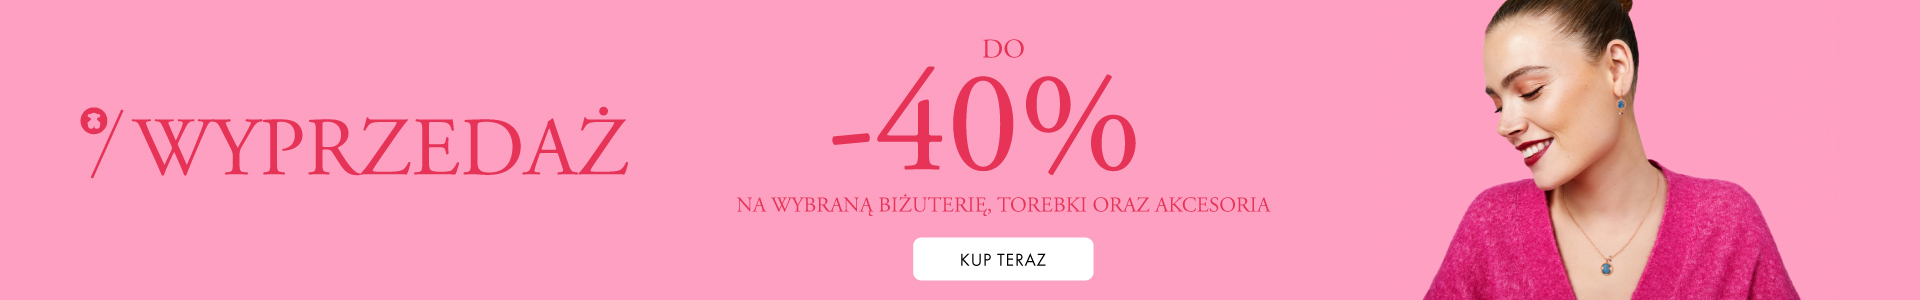 Tous: wyprzedaż do 40% rabatu na wybraną biżuterię, torebki oraz akcesoria